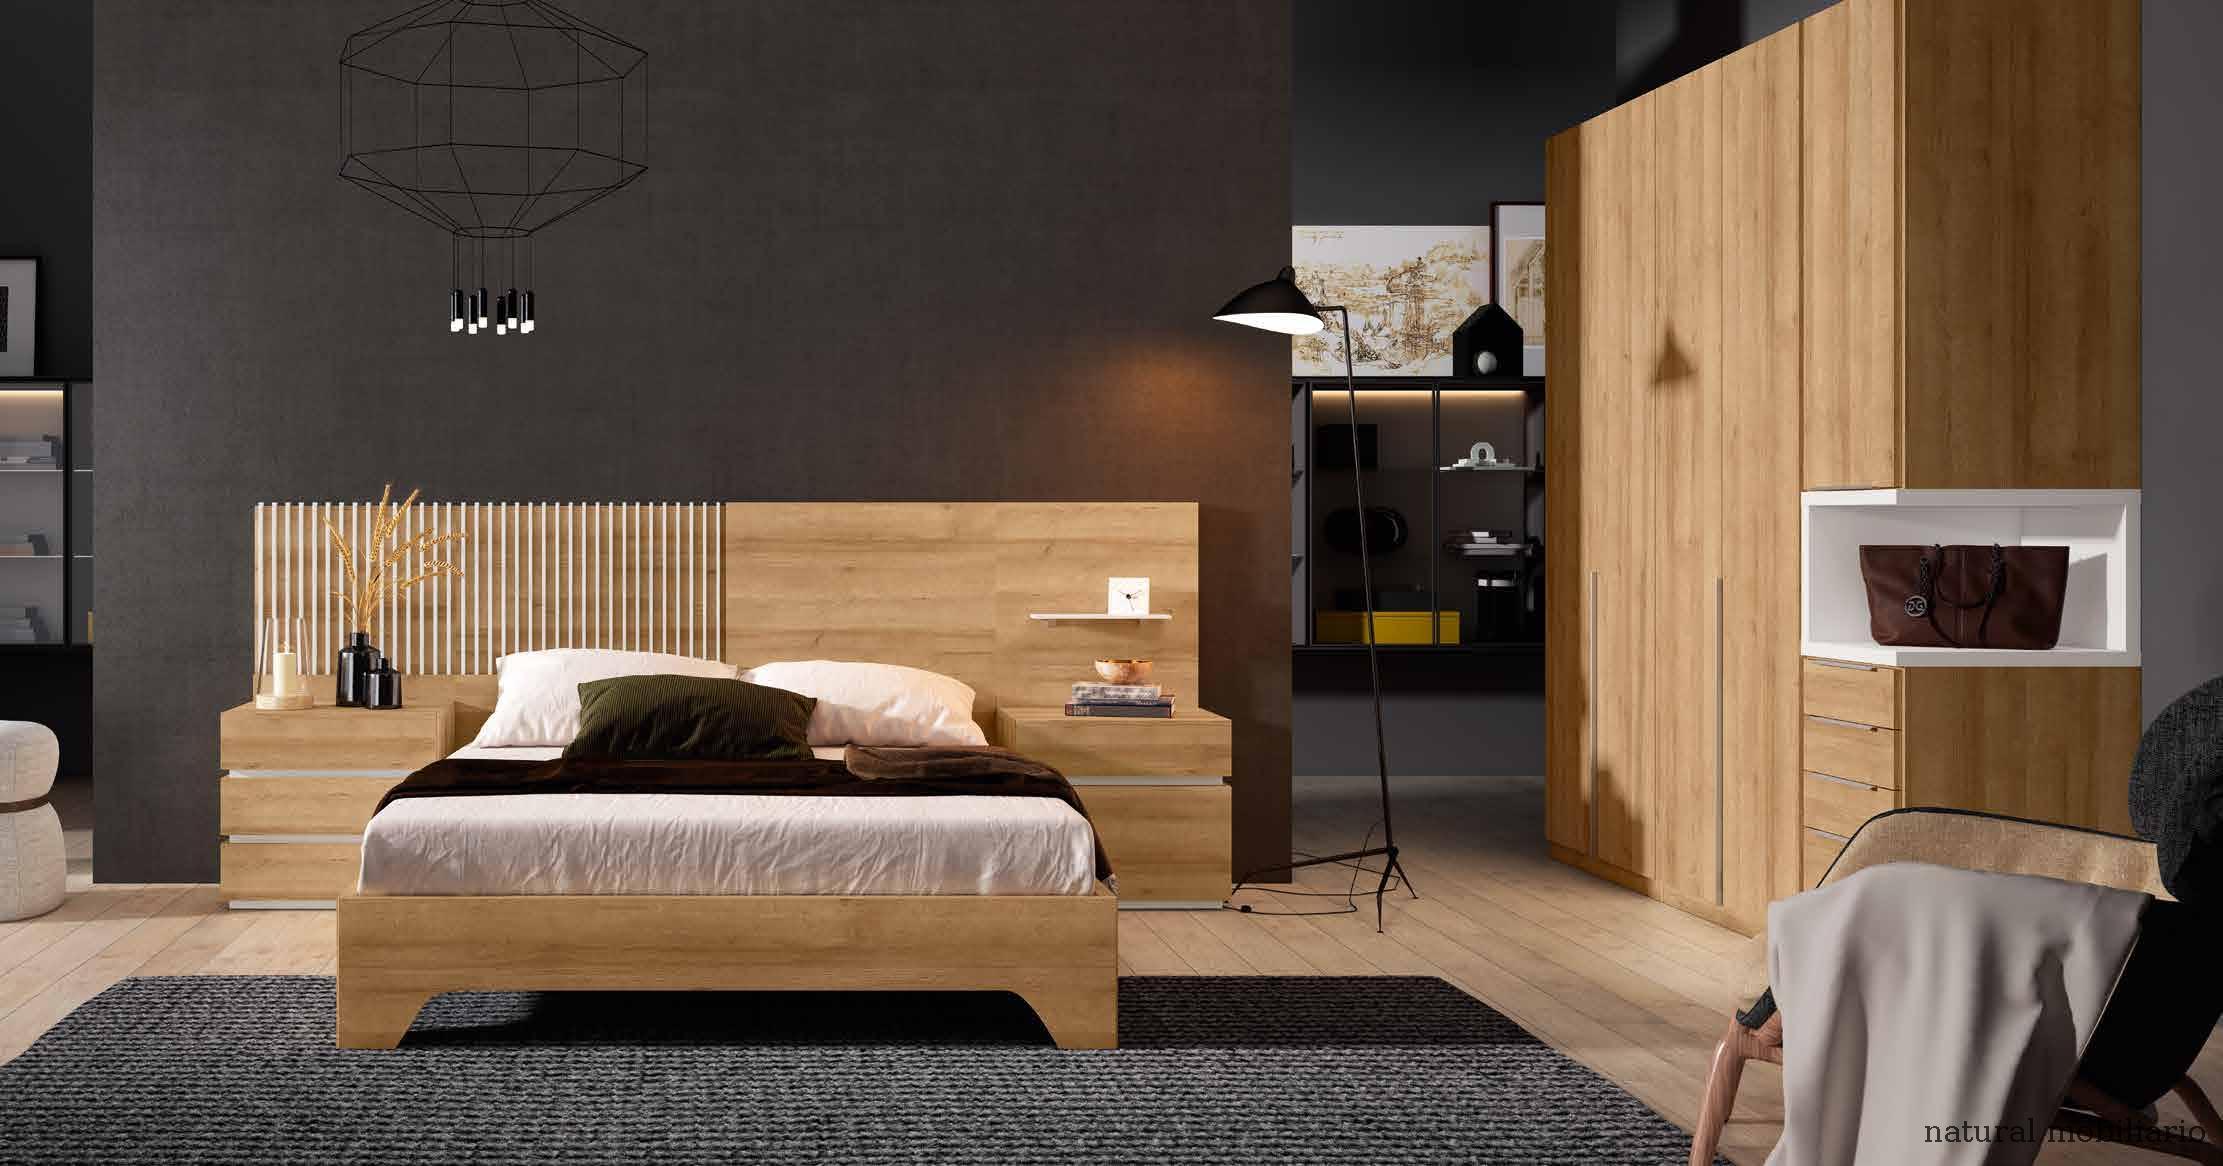 Muebles Modernos chapa sintética/lacados Dormitorio Boho contemporaneo